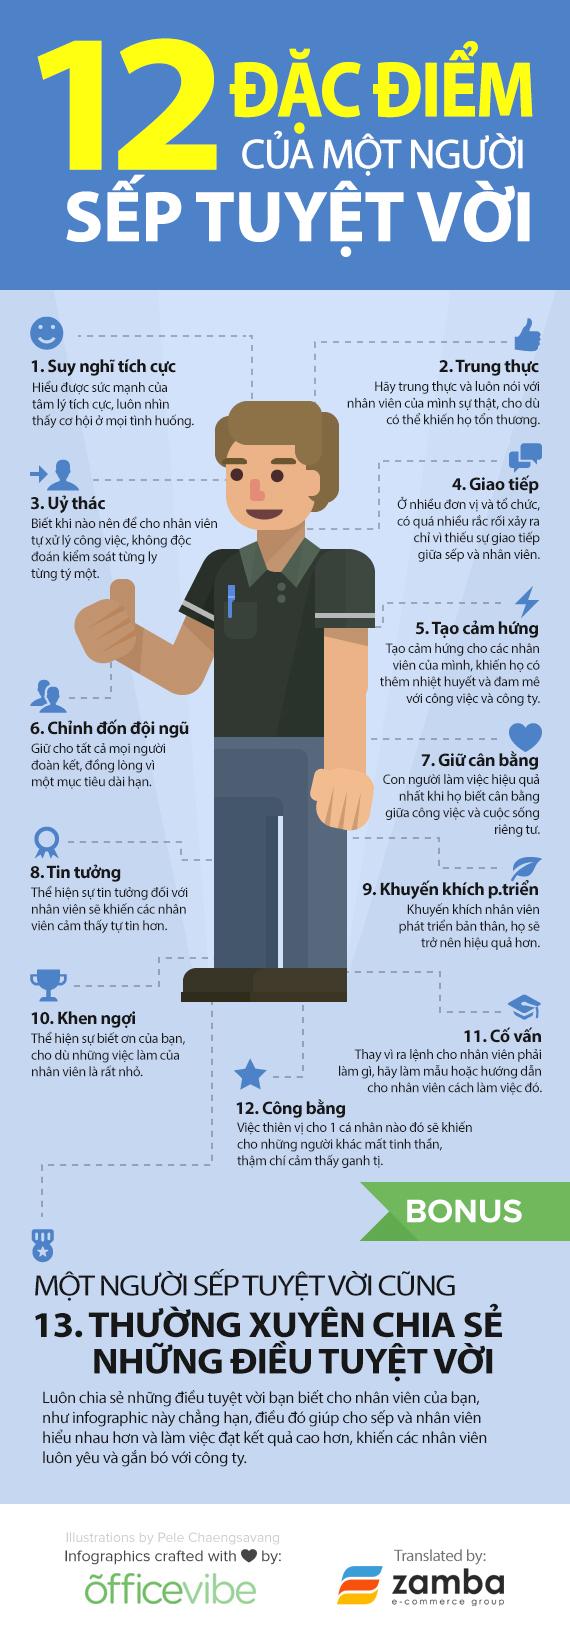 [Infographic] 12 đặc điểm của một người sếp tuyệt vời